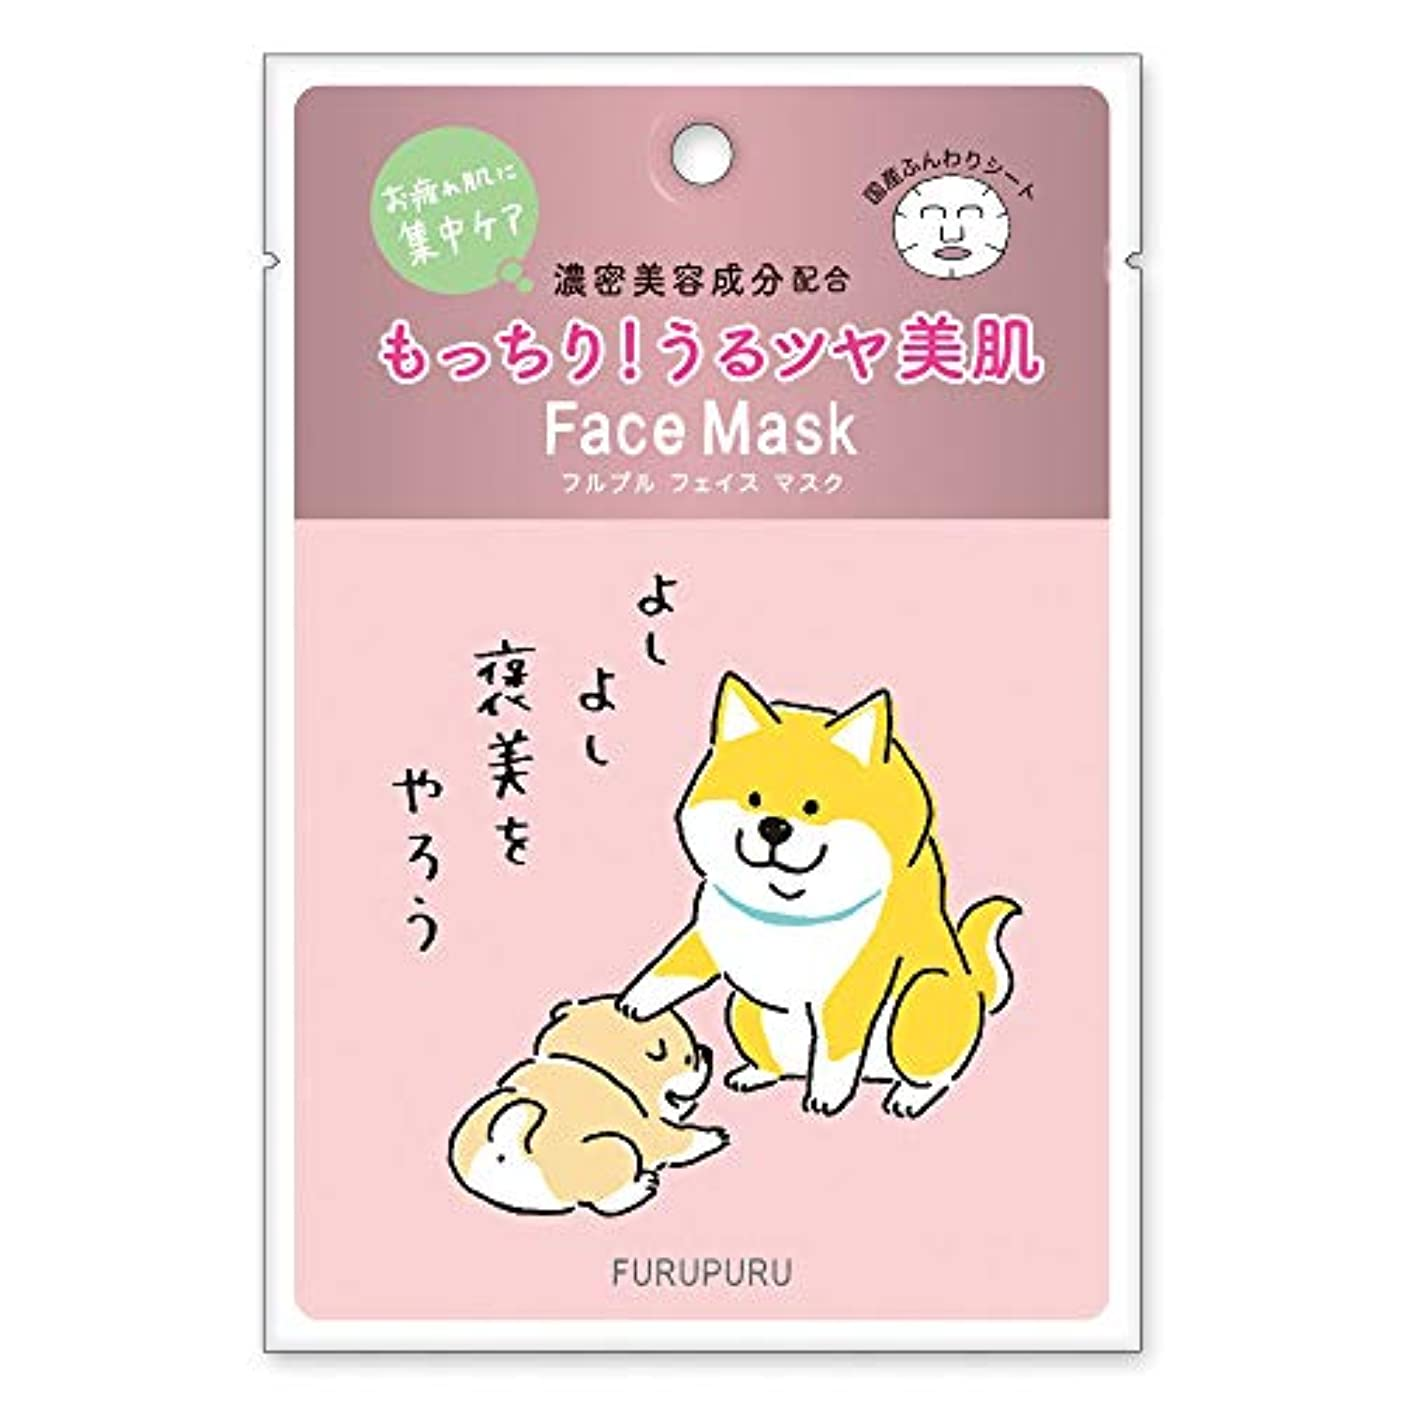 エールアンプ適切にフルプルクリーム フルプルフェイスマスク しばんばん 褒美をやろう やさしく香る天然ローズの香り 30g